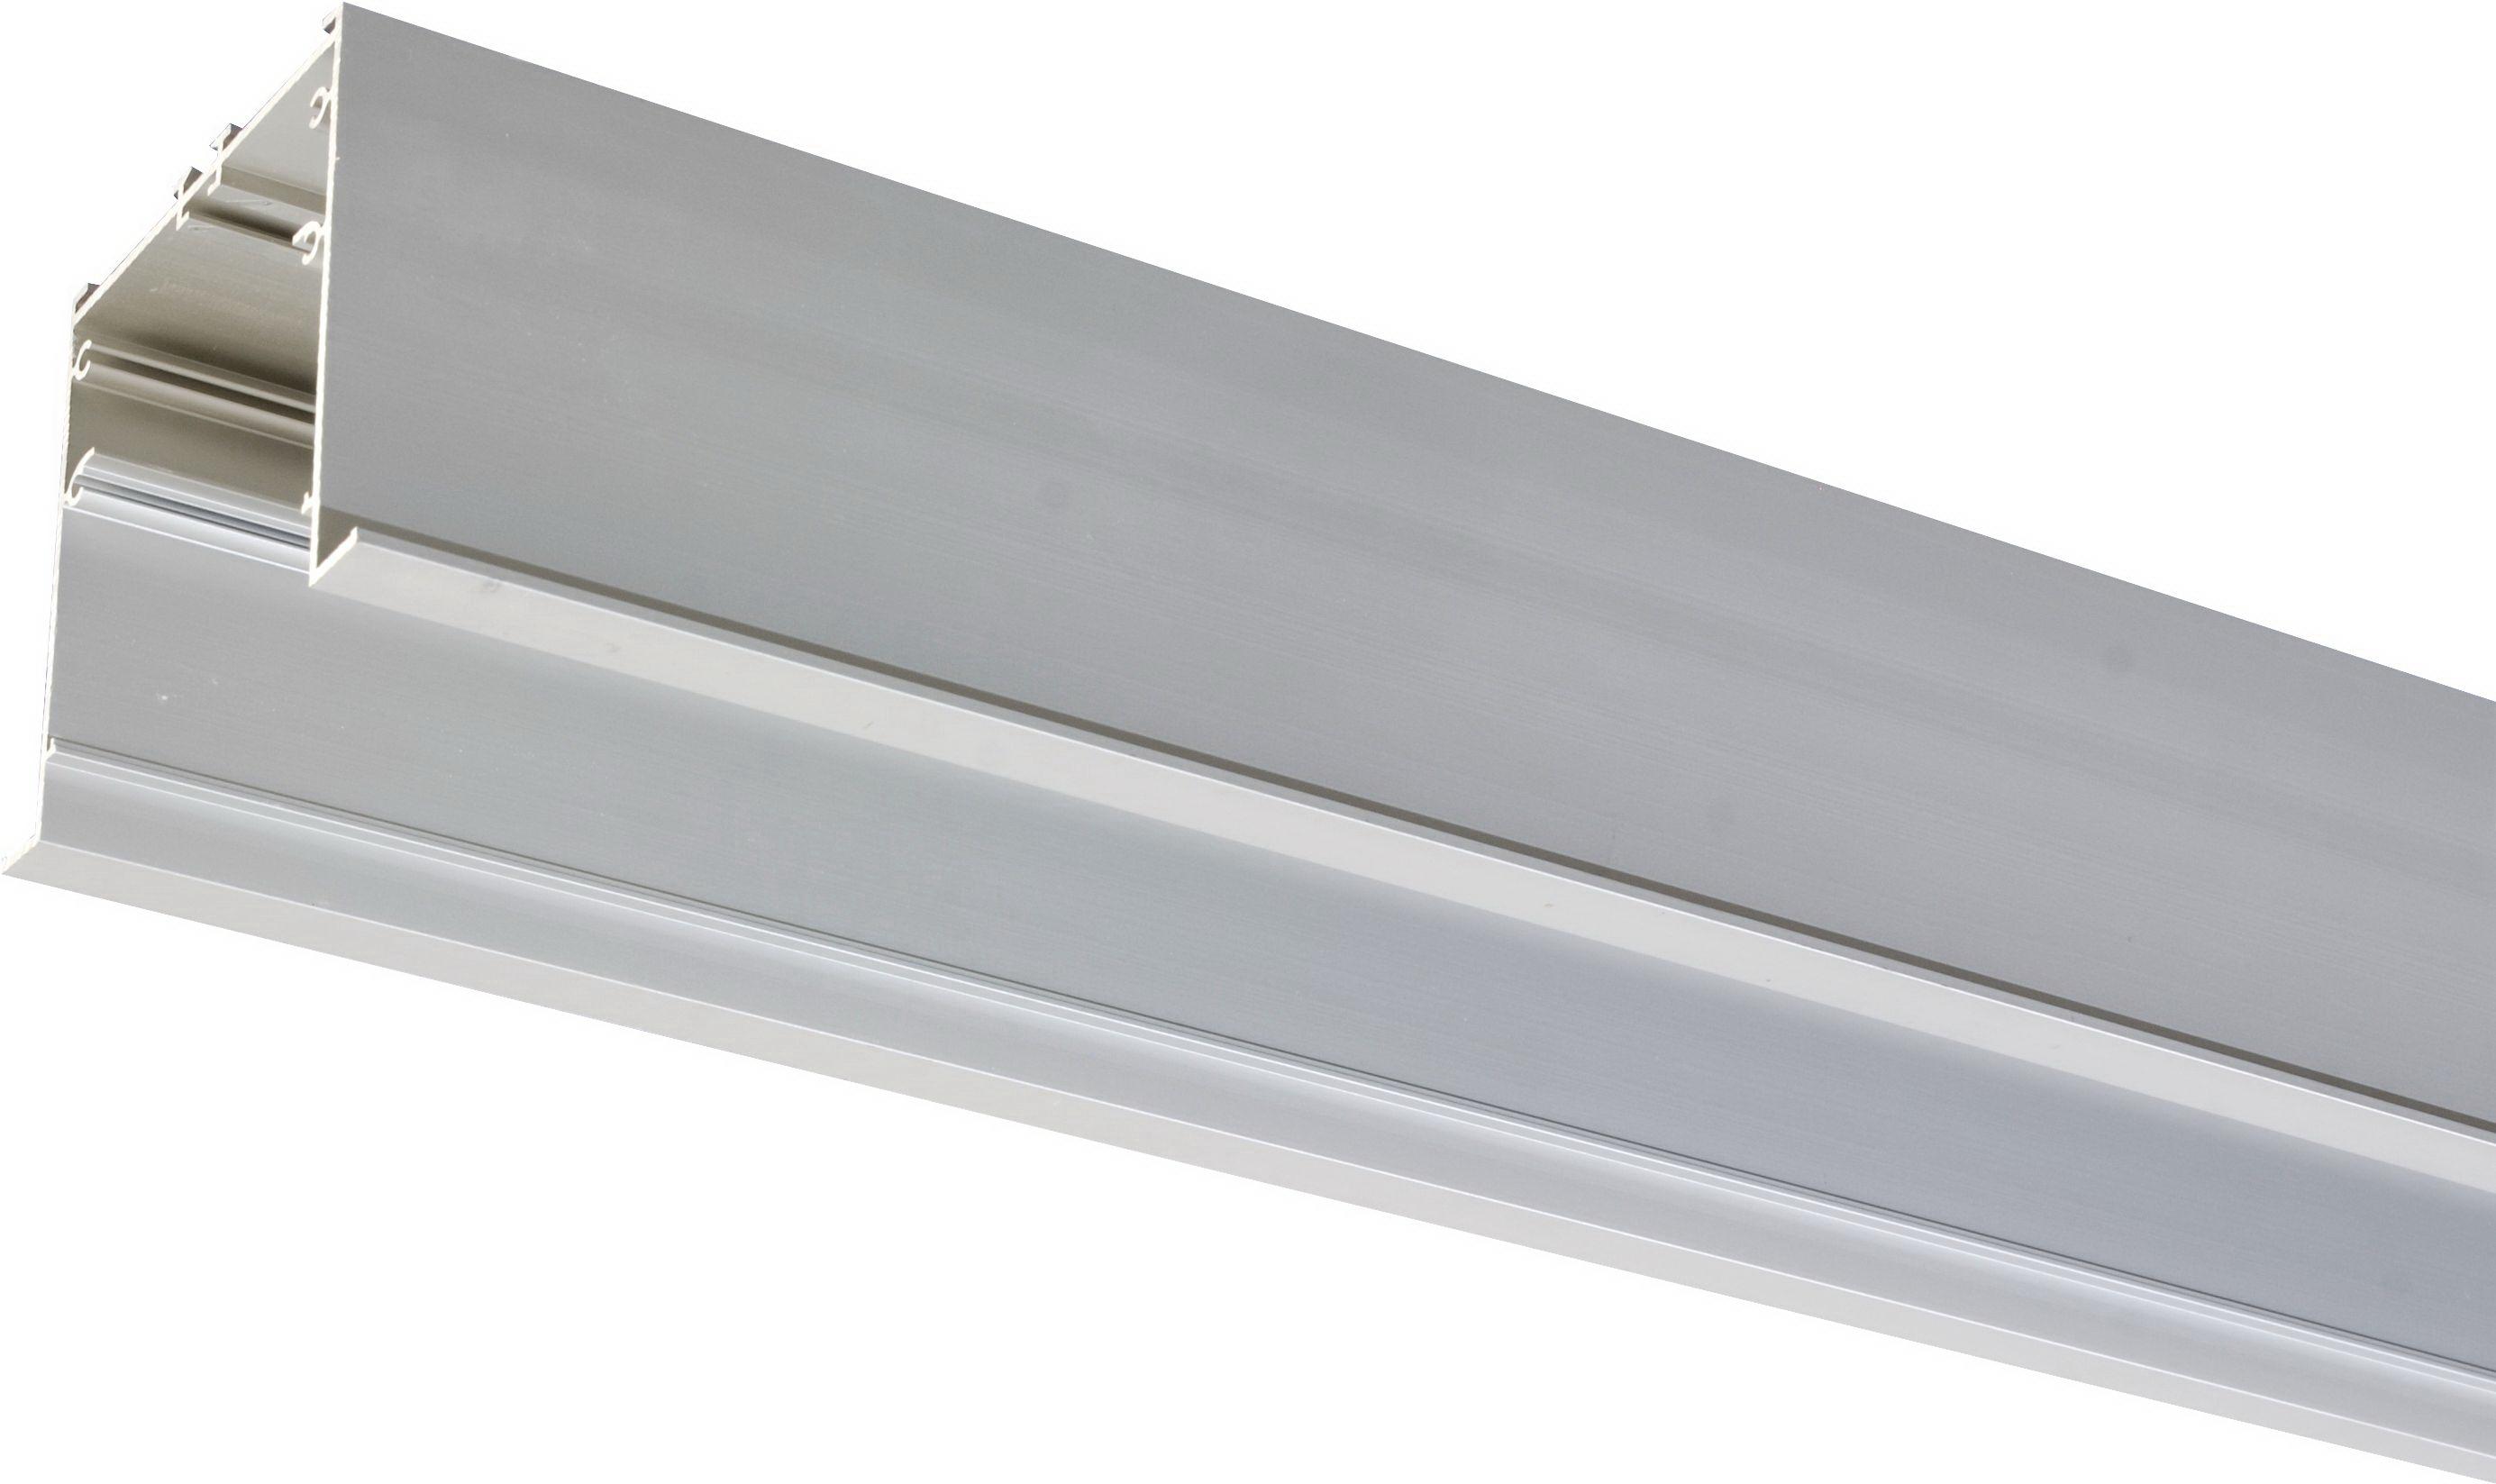 1 Stk LINEA-R80M Einbauprofil Aluminium eloxiert l=2970mm LI38000200